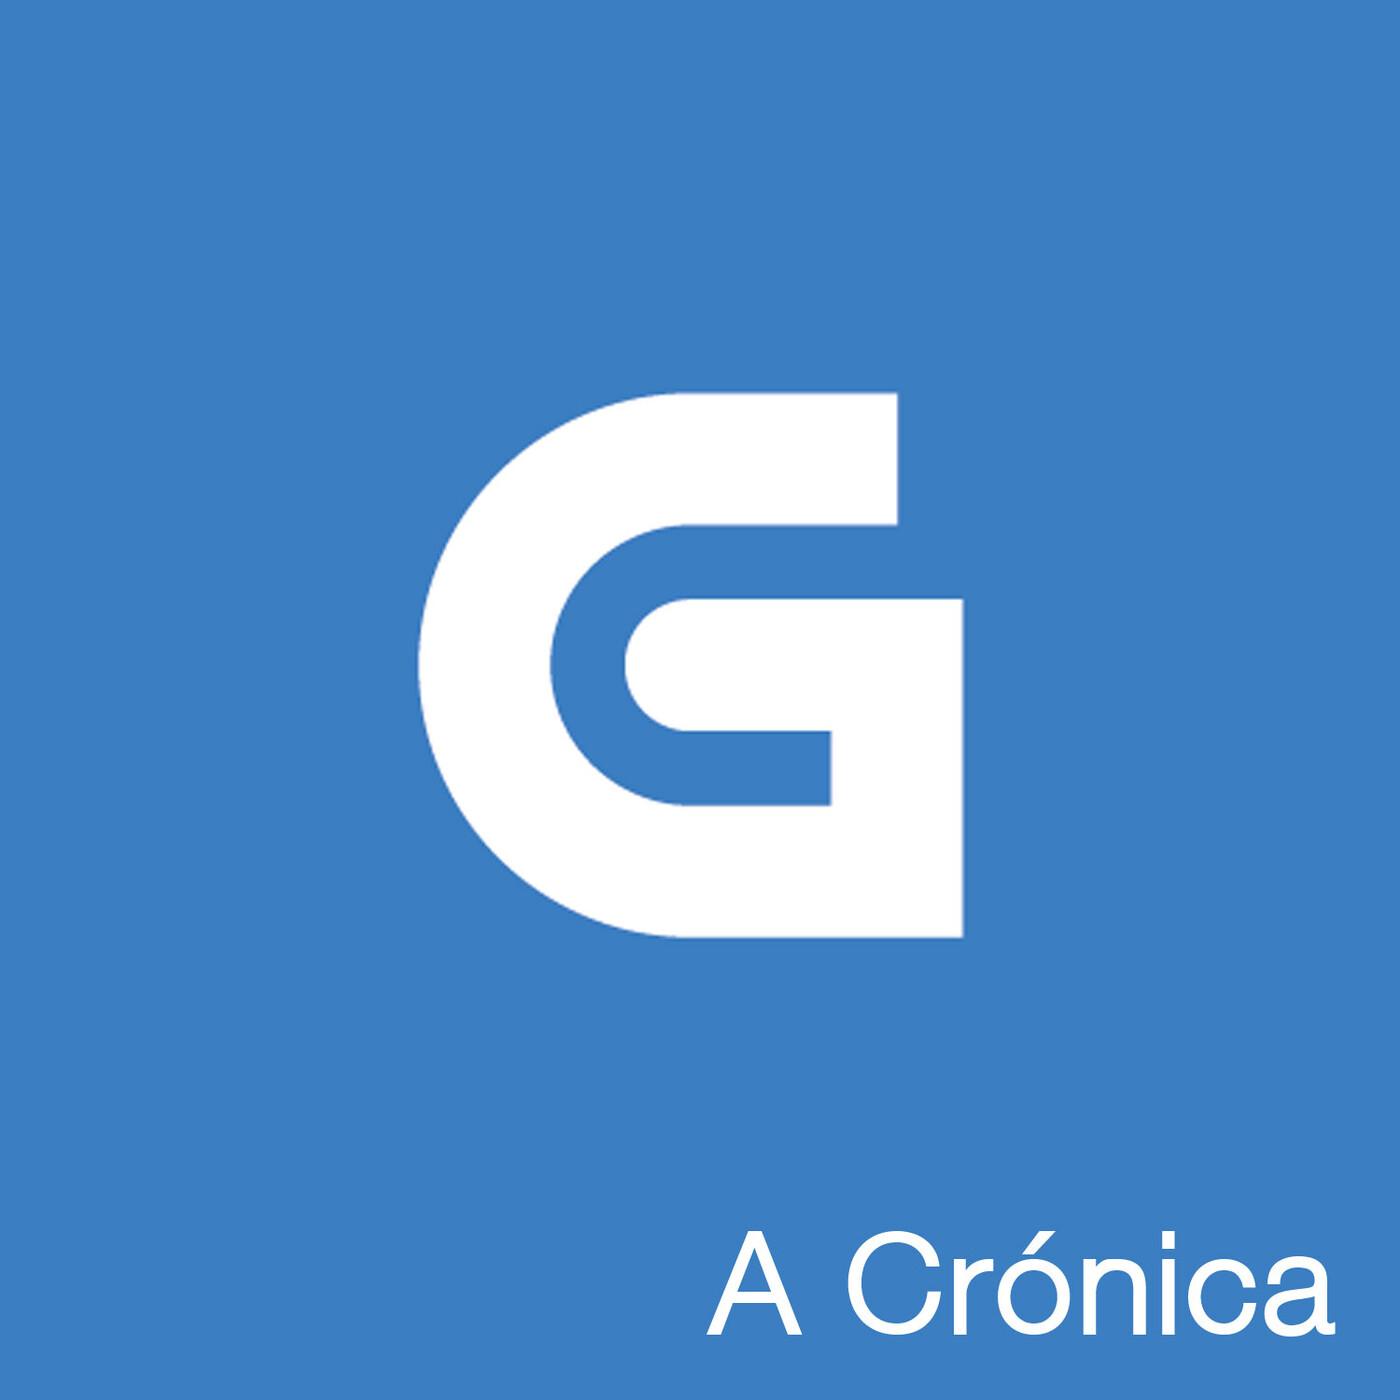 A Crónica 20H do día 20/10/2020 (20:00) 20/10/2020